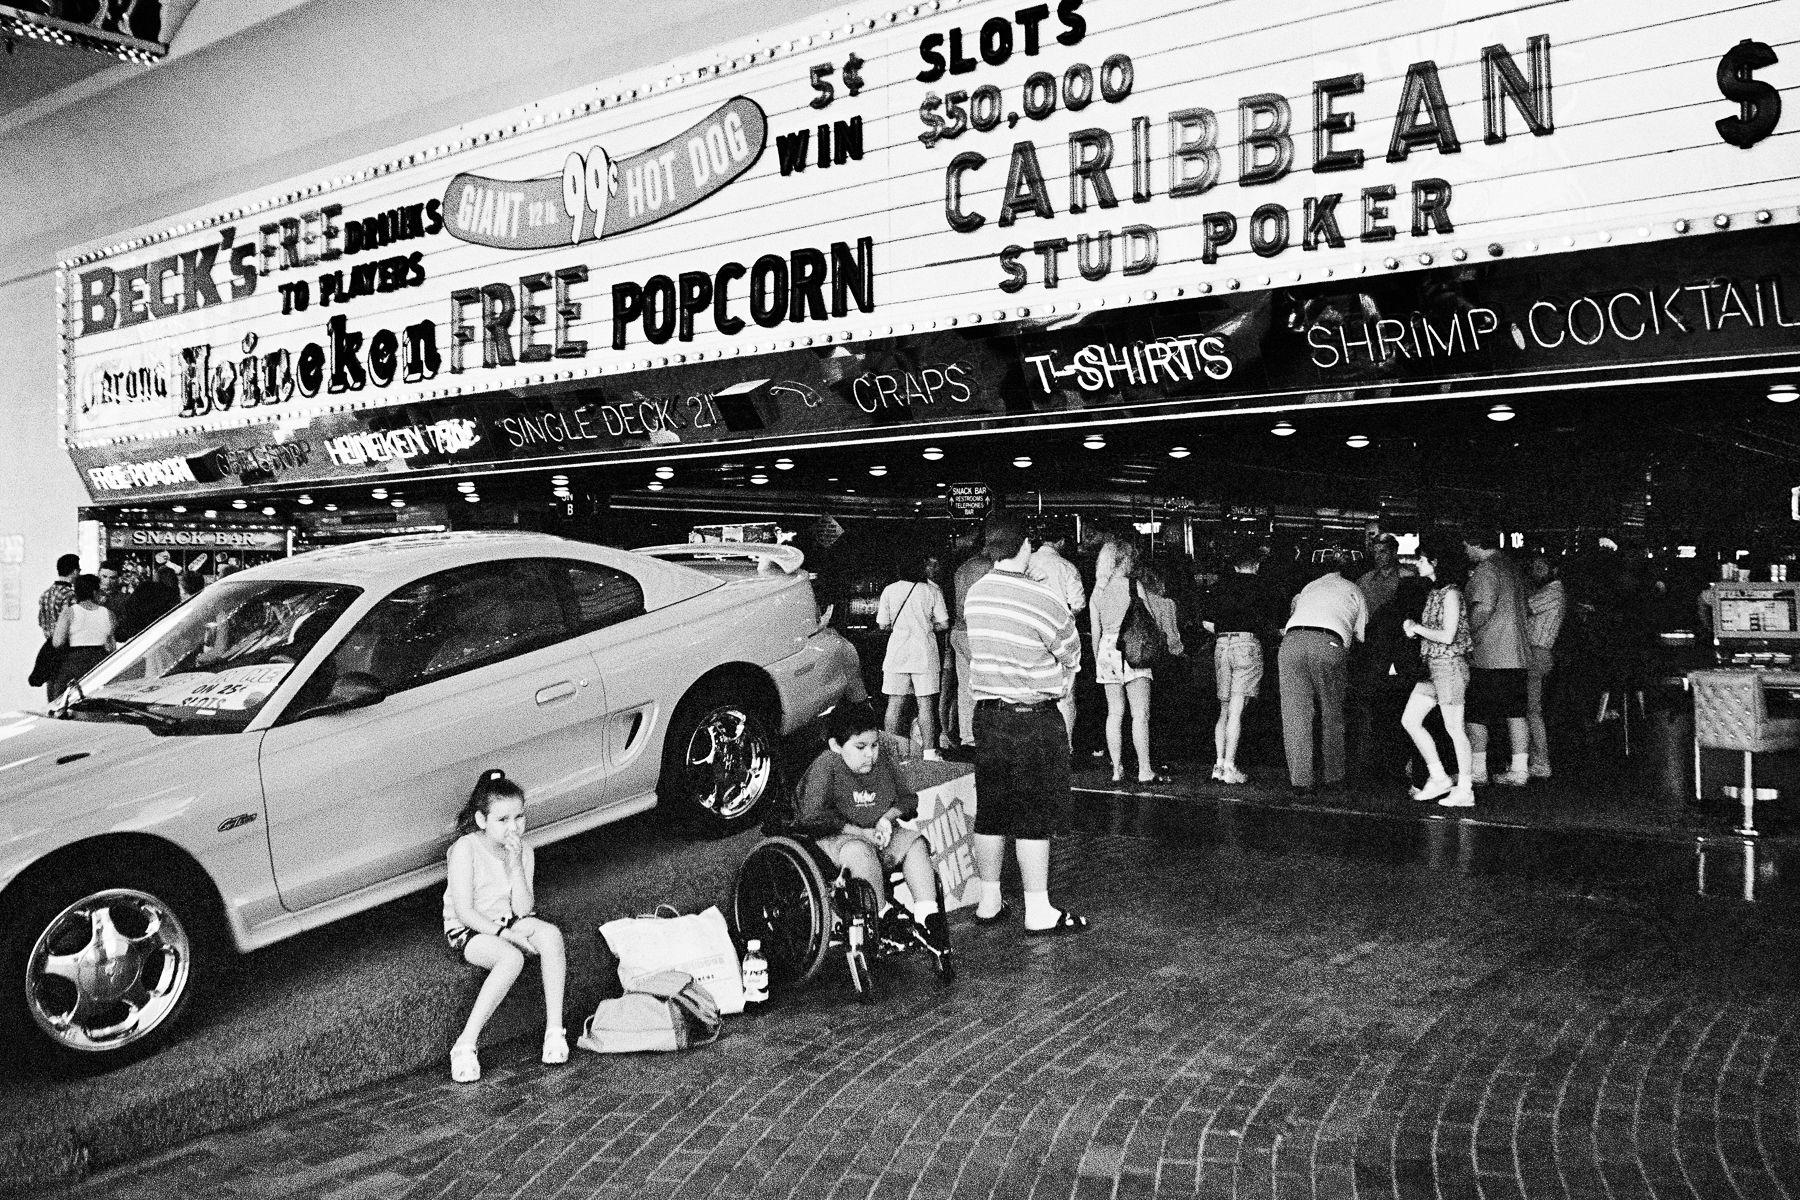 Las Vegas Blvd., Las Vegas, NV 1996